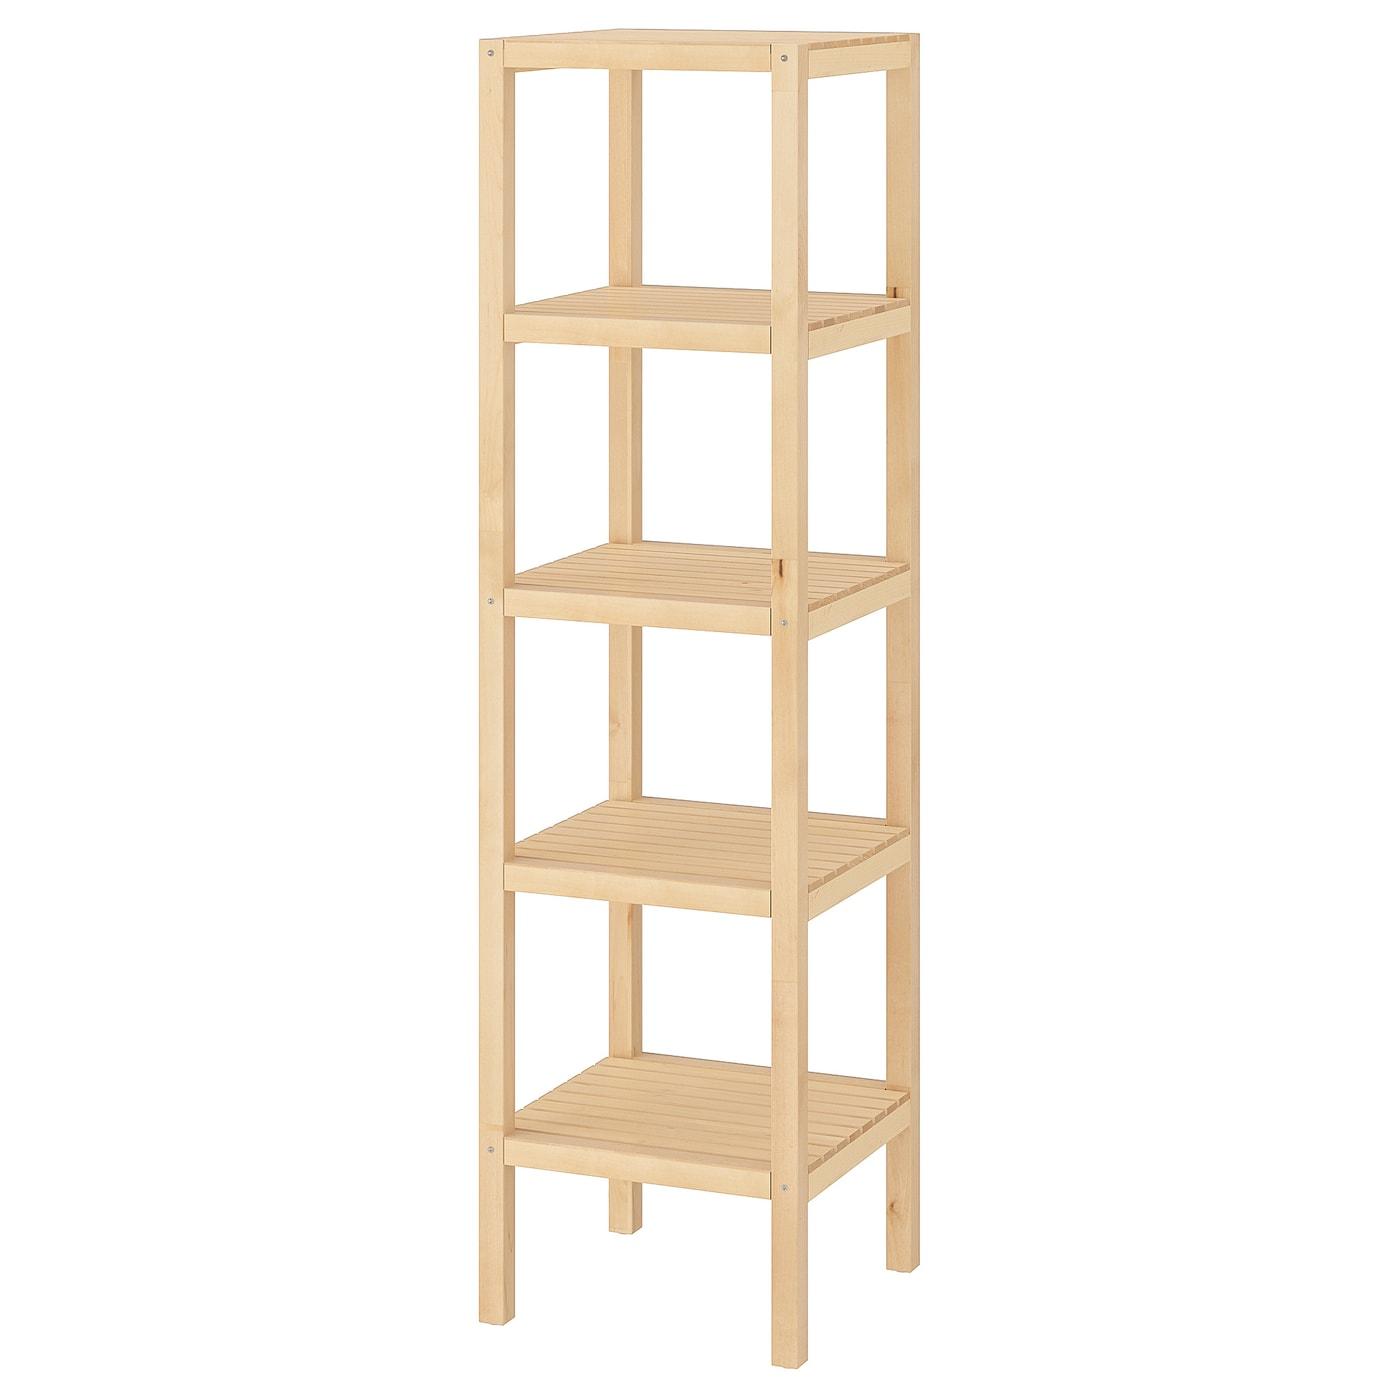 Full Size of Kchenregal Holz Ikea Http Noxmasformerkel De Wcvsdo Küche Kosten Modulküche Miniküche Betten Bei Sofa Mit Schlaffunktion Kaufen 160x200 Wohnzimmer Küchenregal Ikea